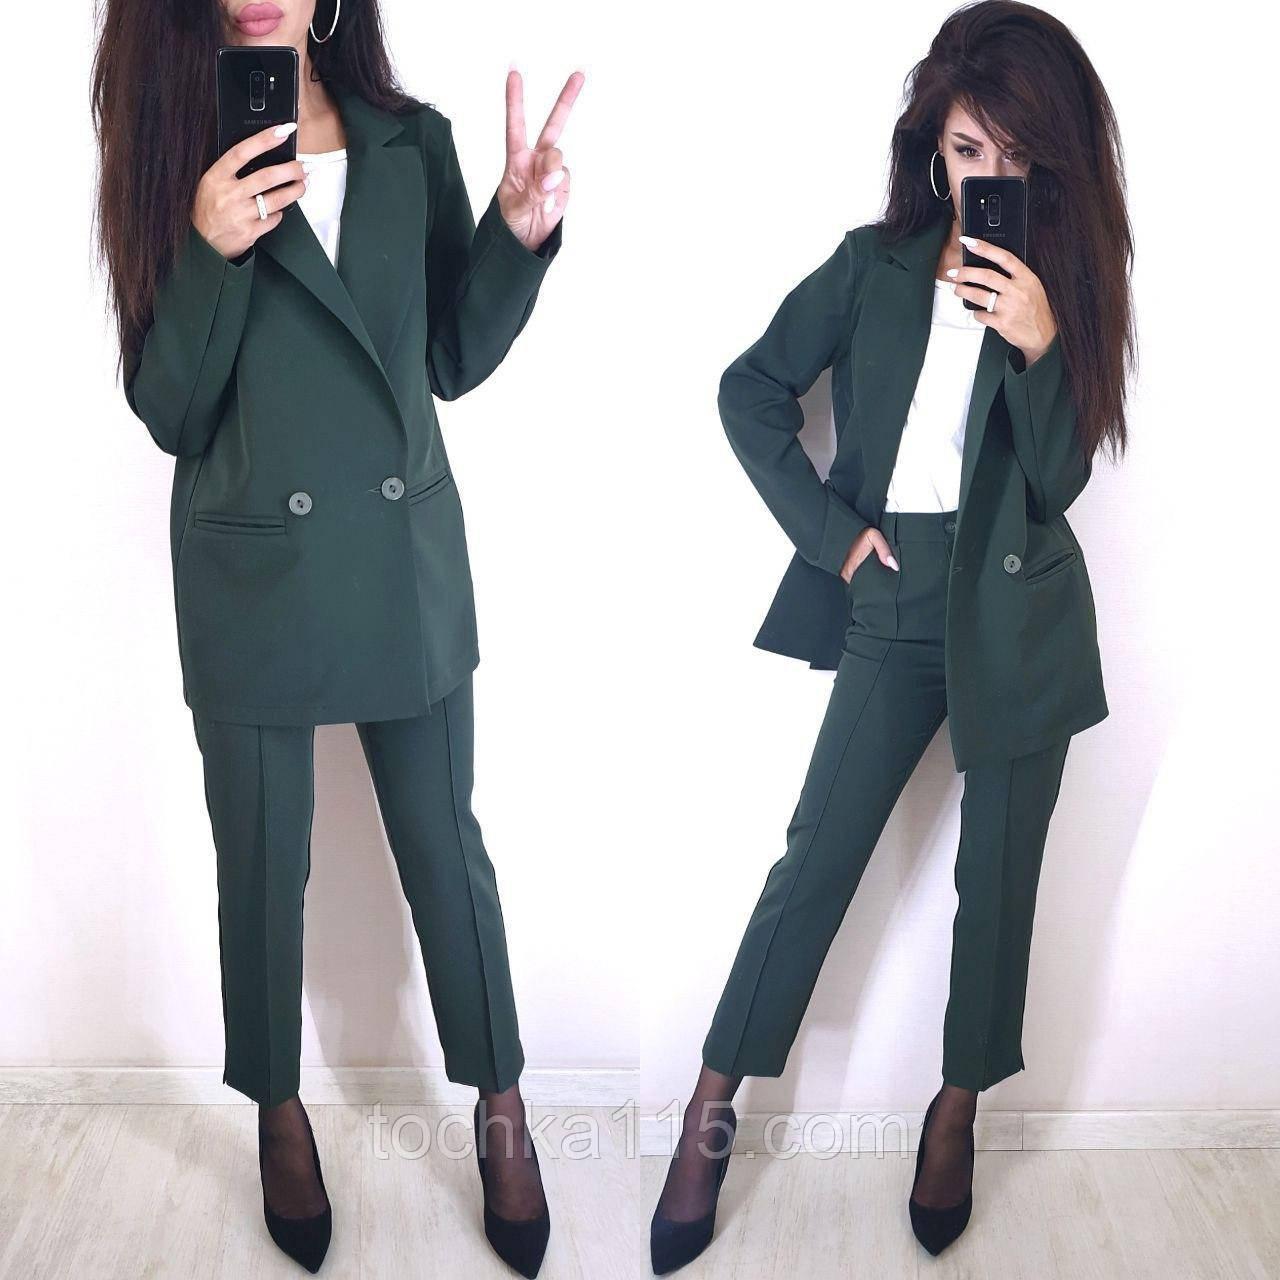 Стильный классический костюм (жакет+брюки), S/M/L, бутылочный